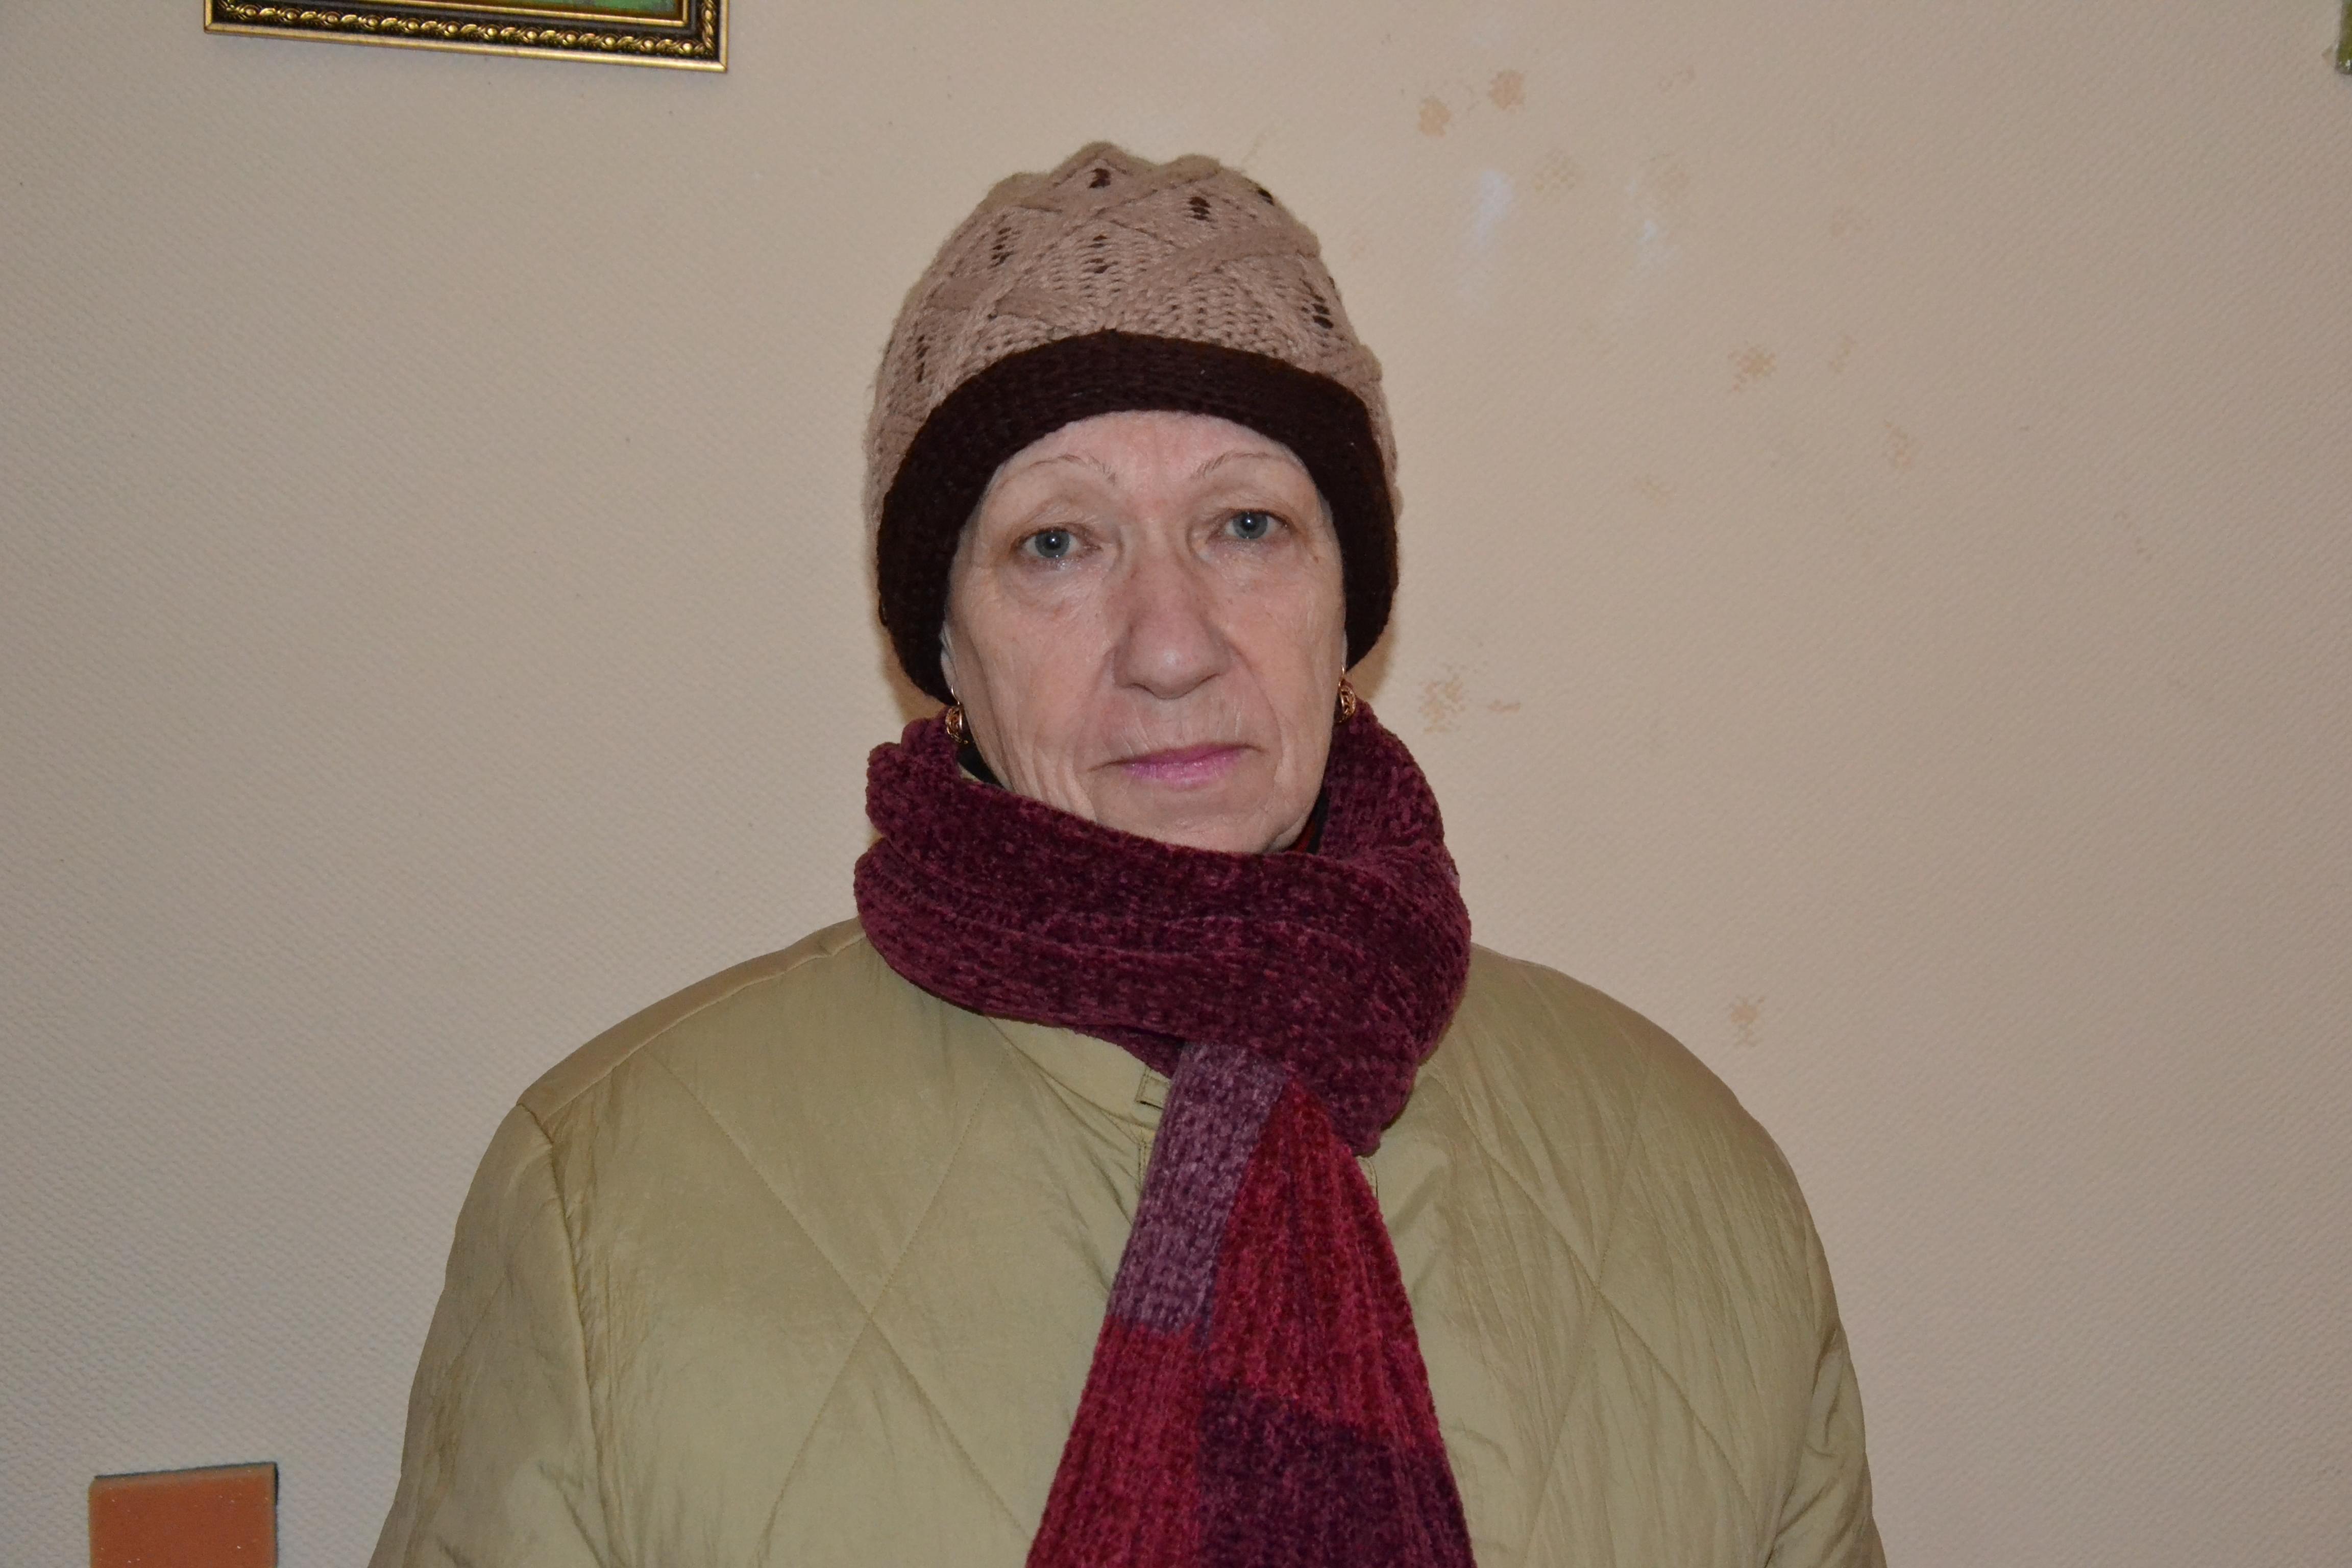 Им нужна помощь - Северина Раиса Николаевна | Фонд Инна